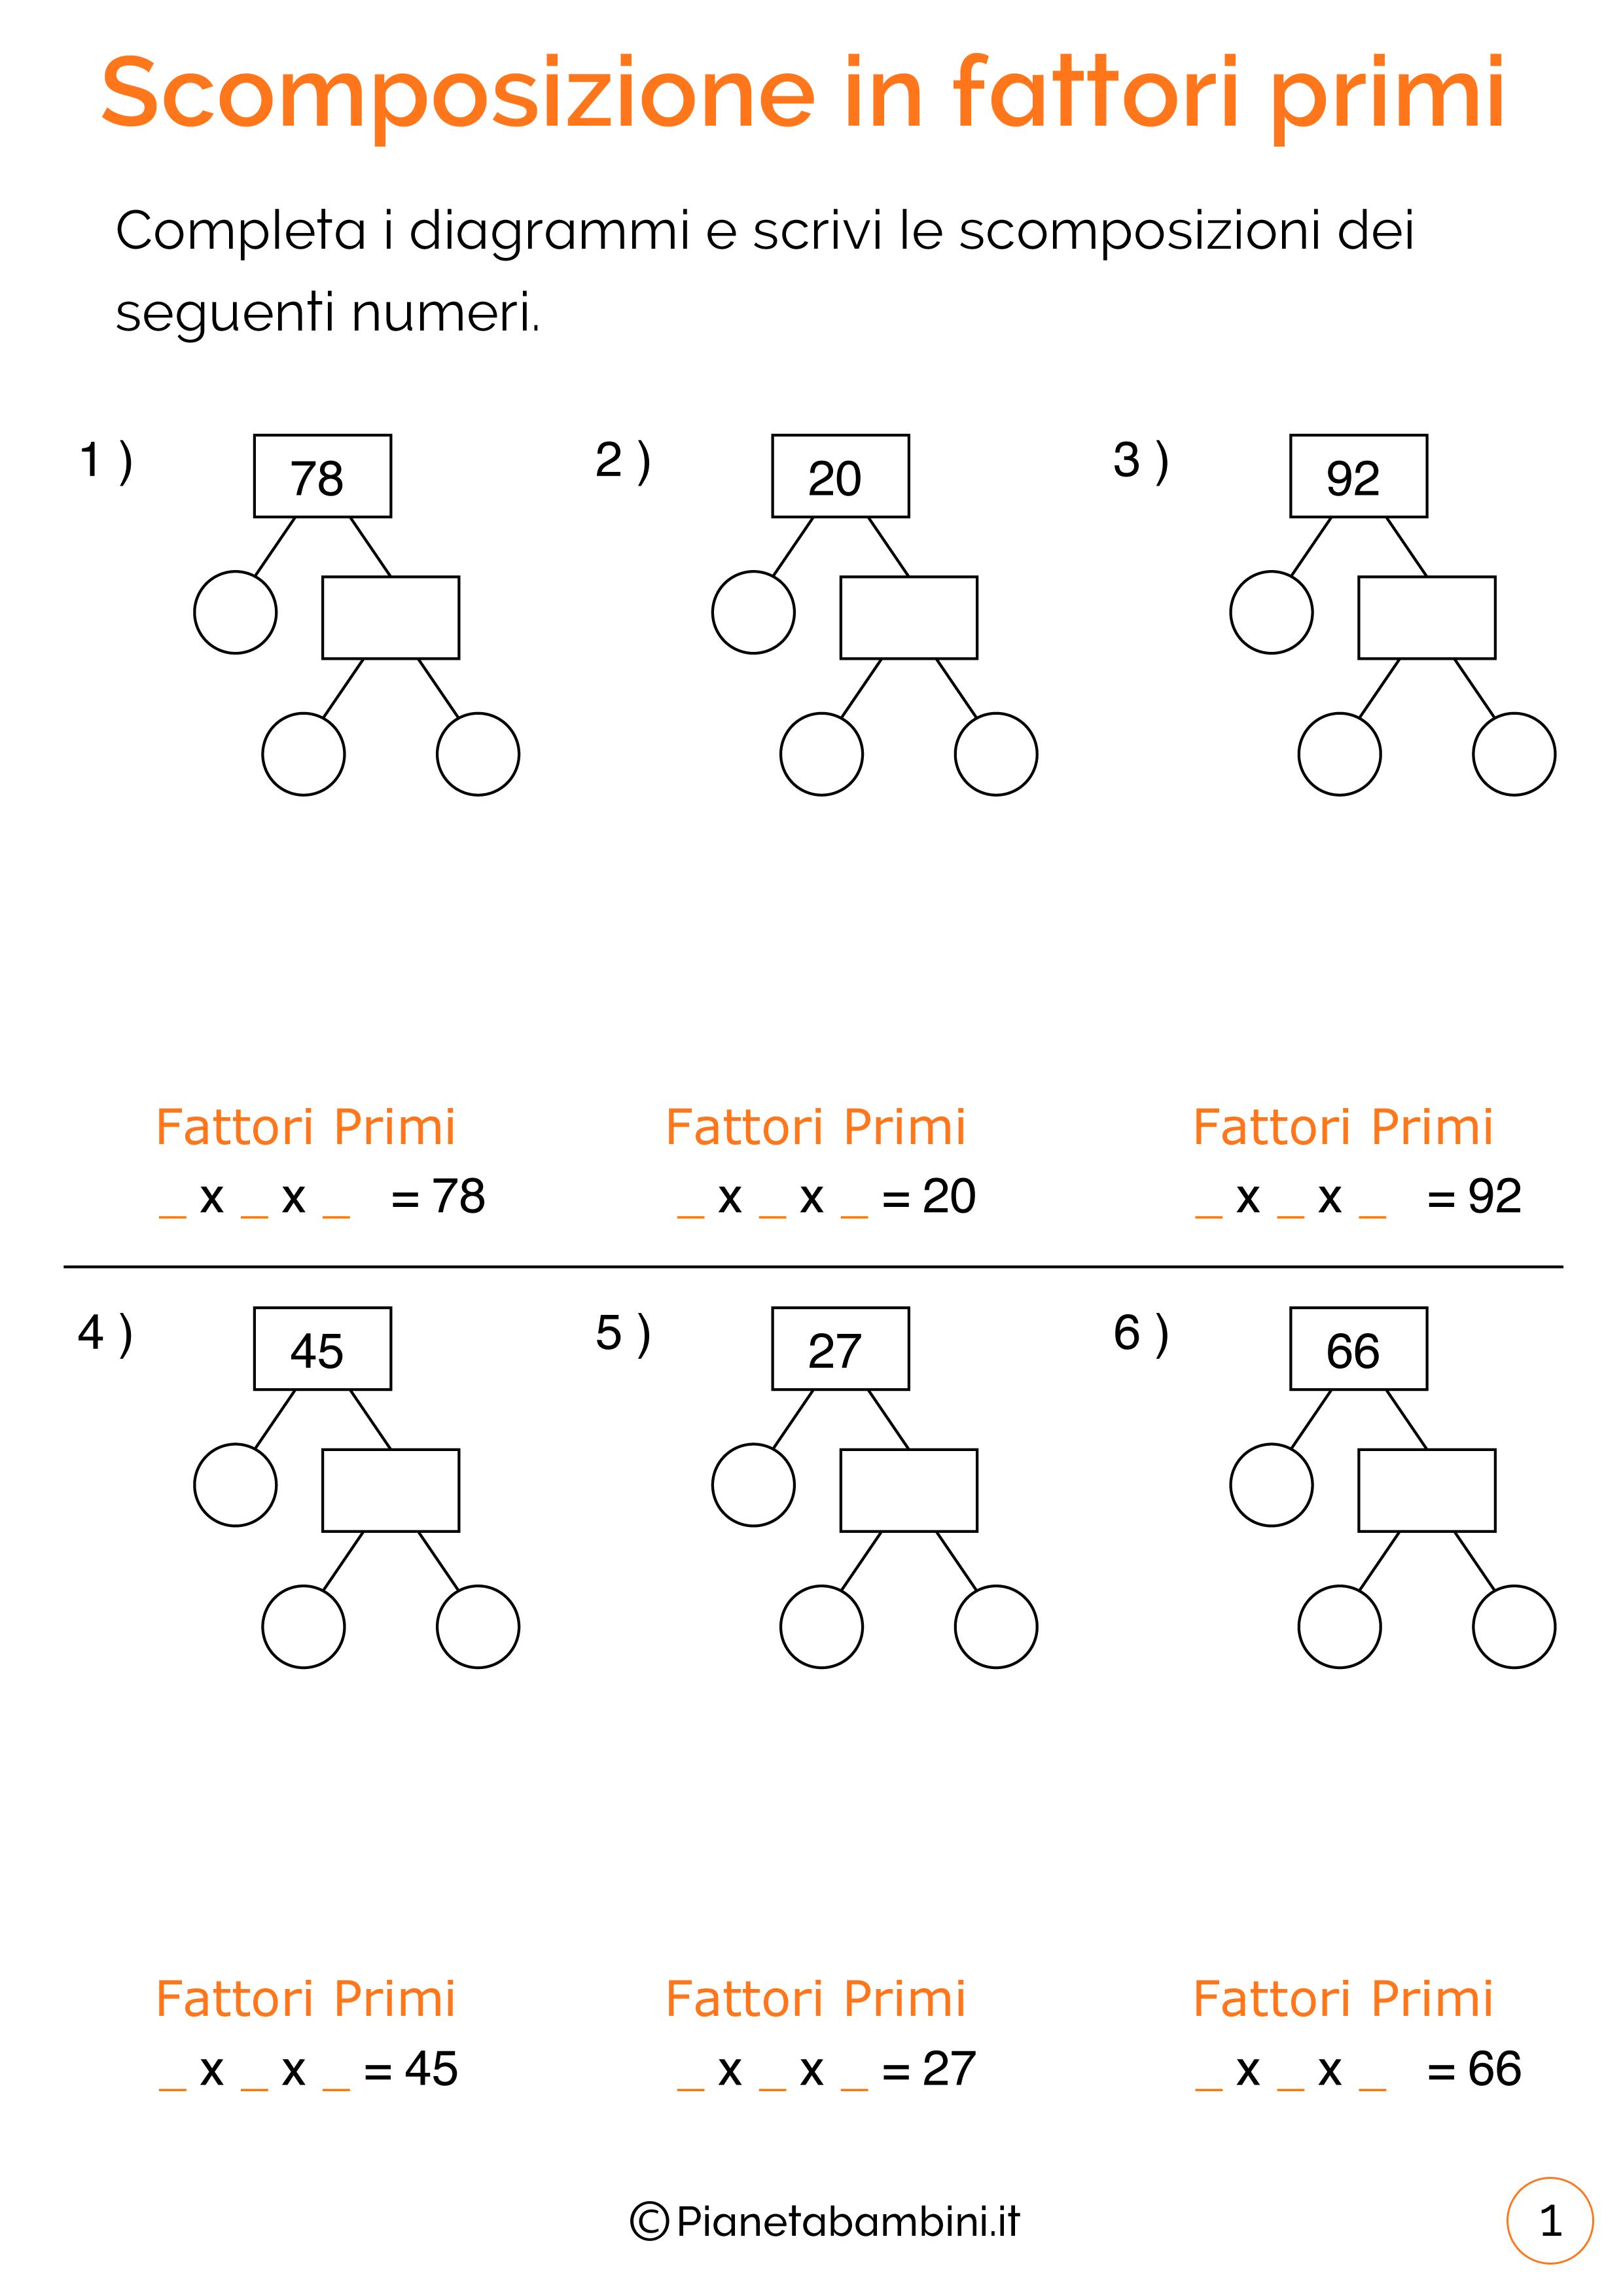 Esercizi-Scomposizione-Fattori-Primi-1